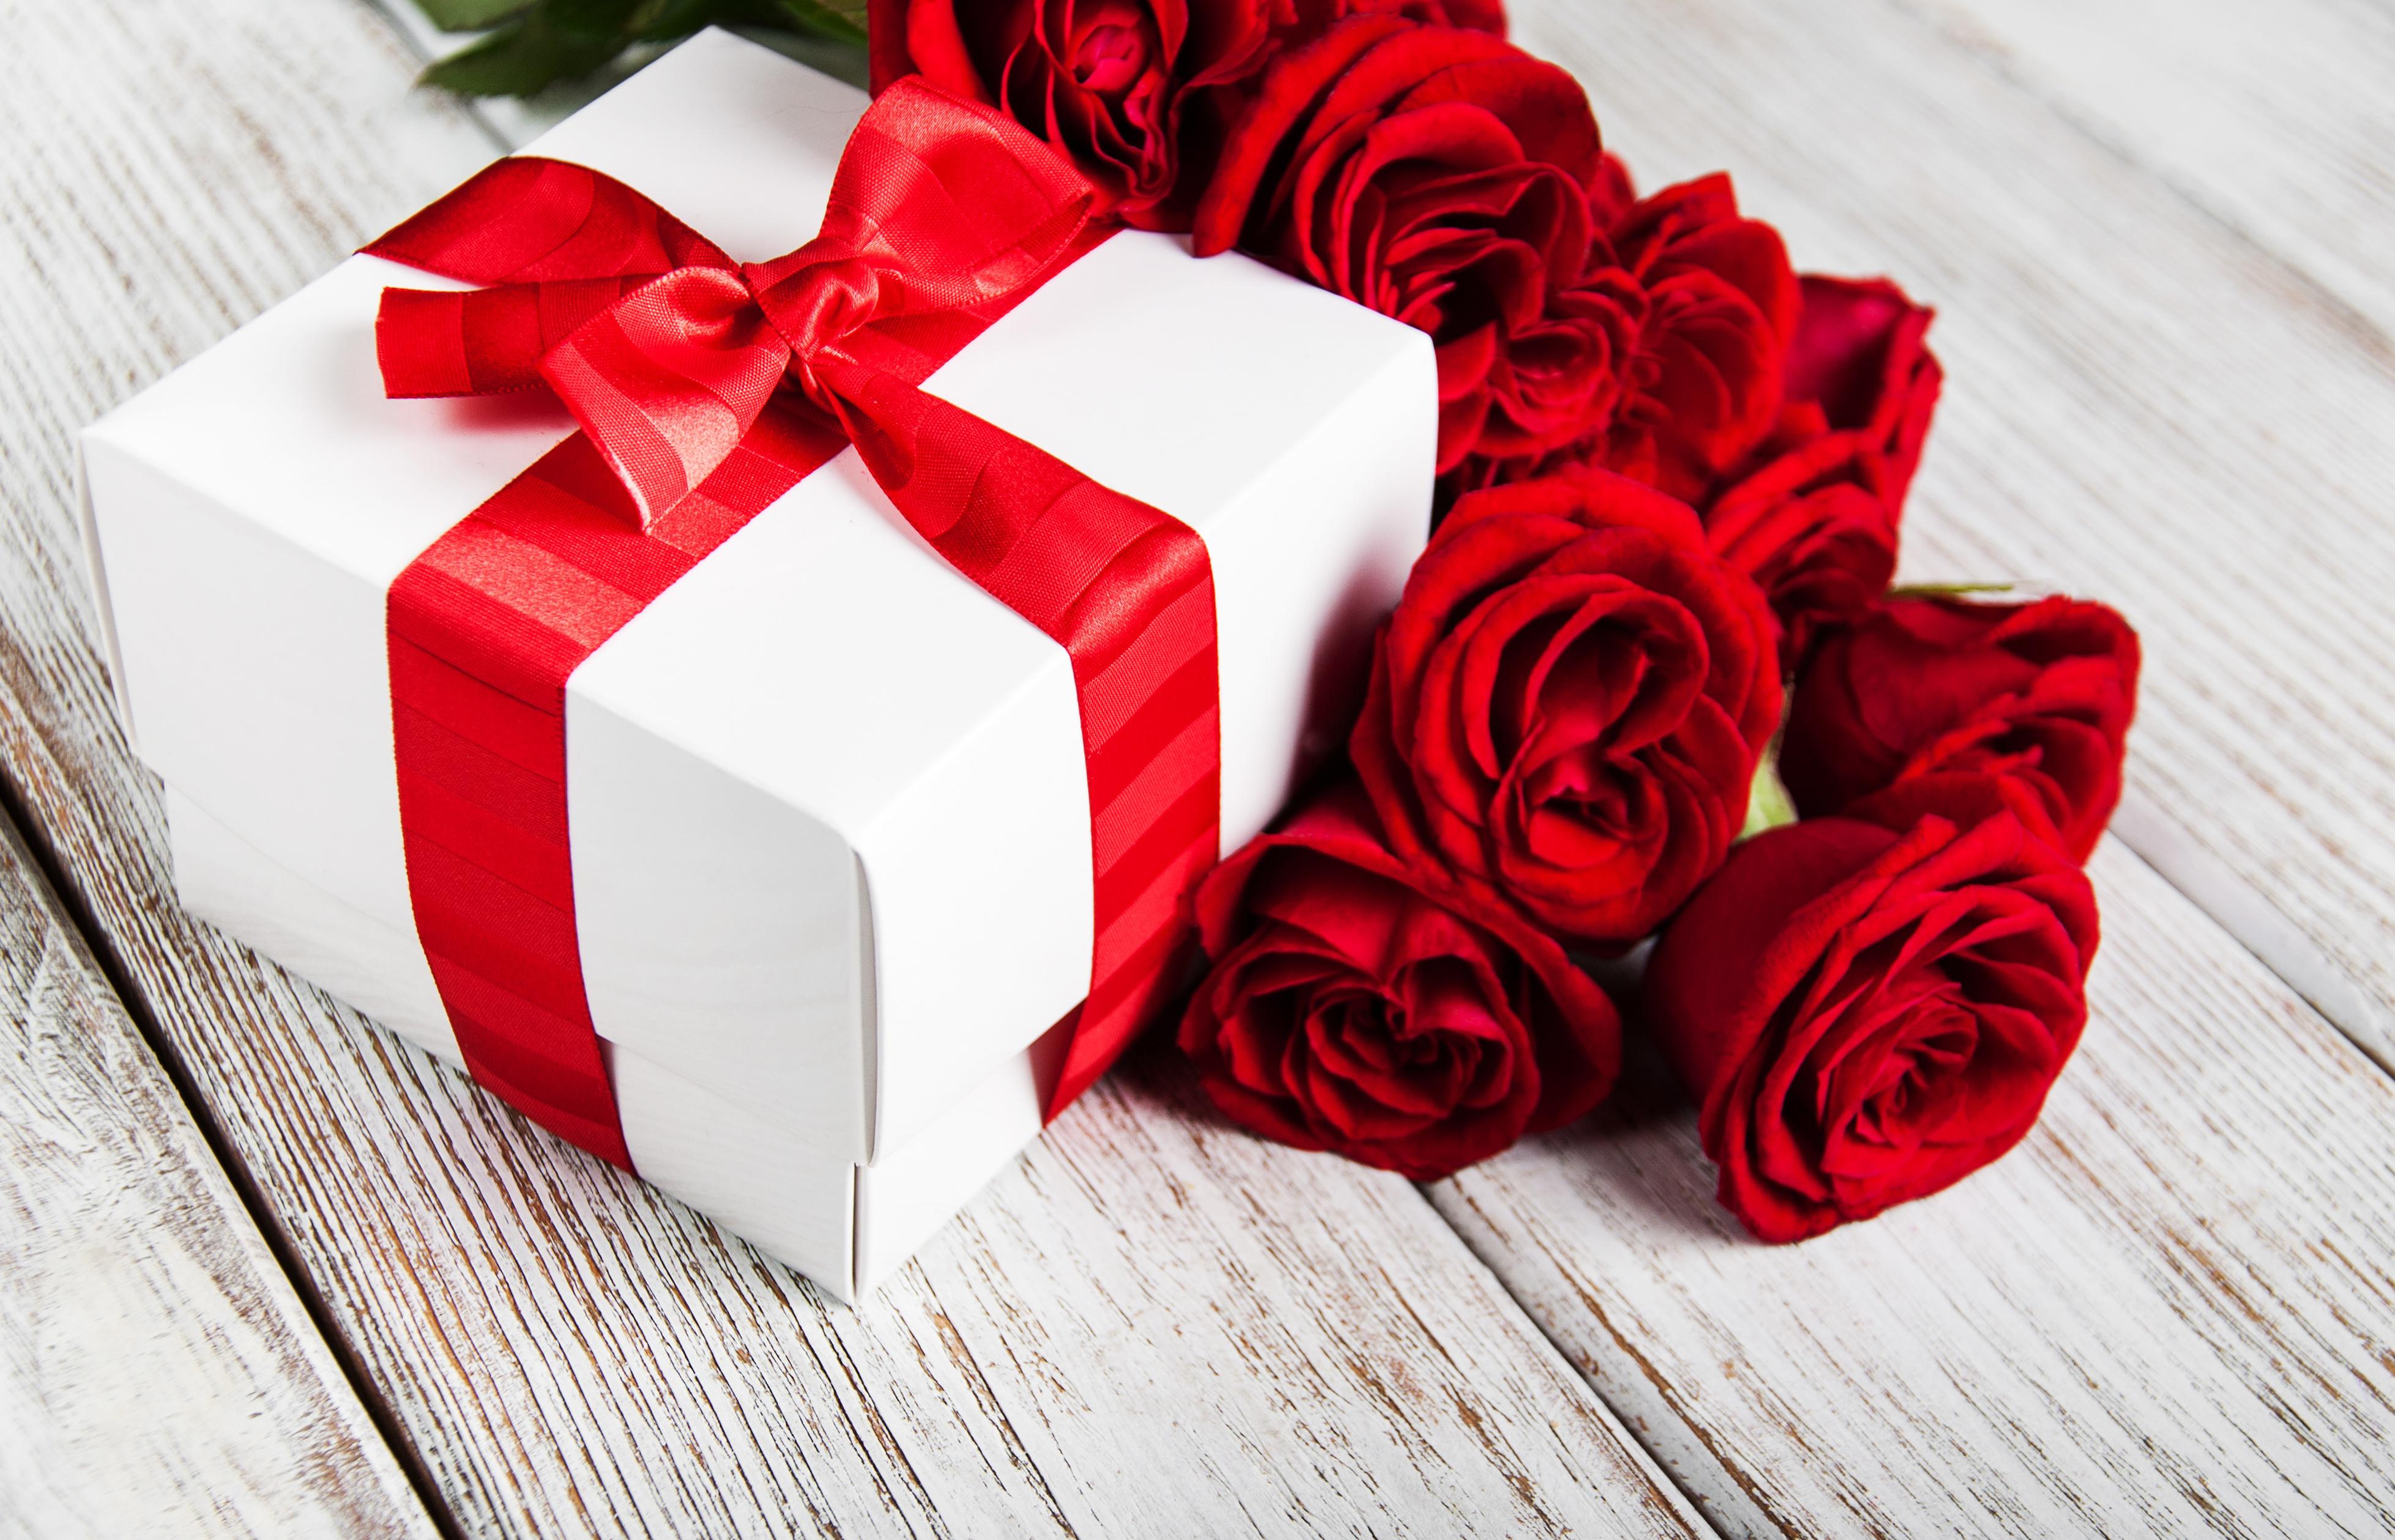 Красивые картинки роз с подарками